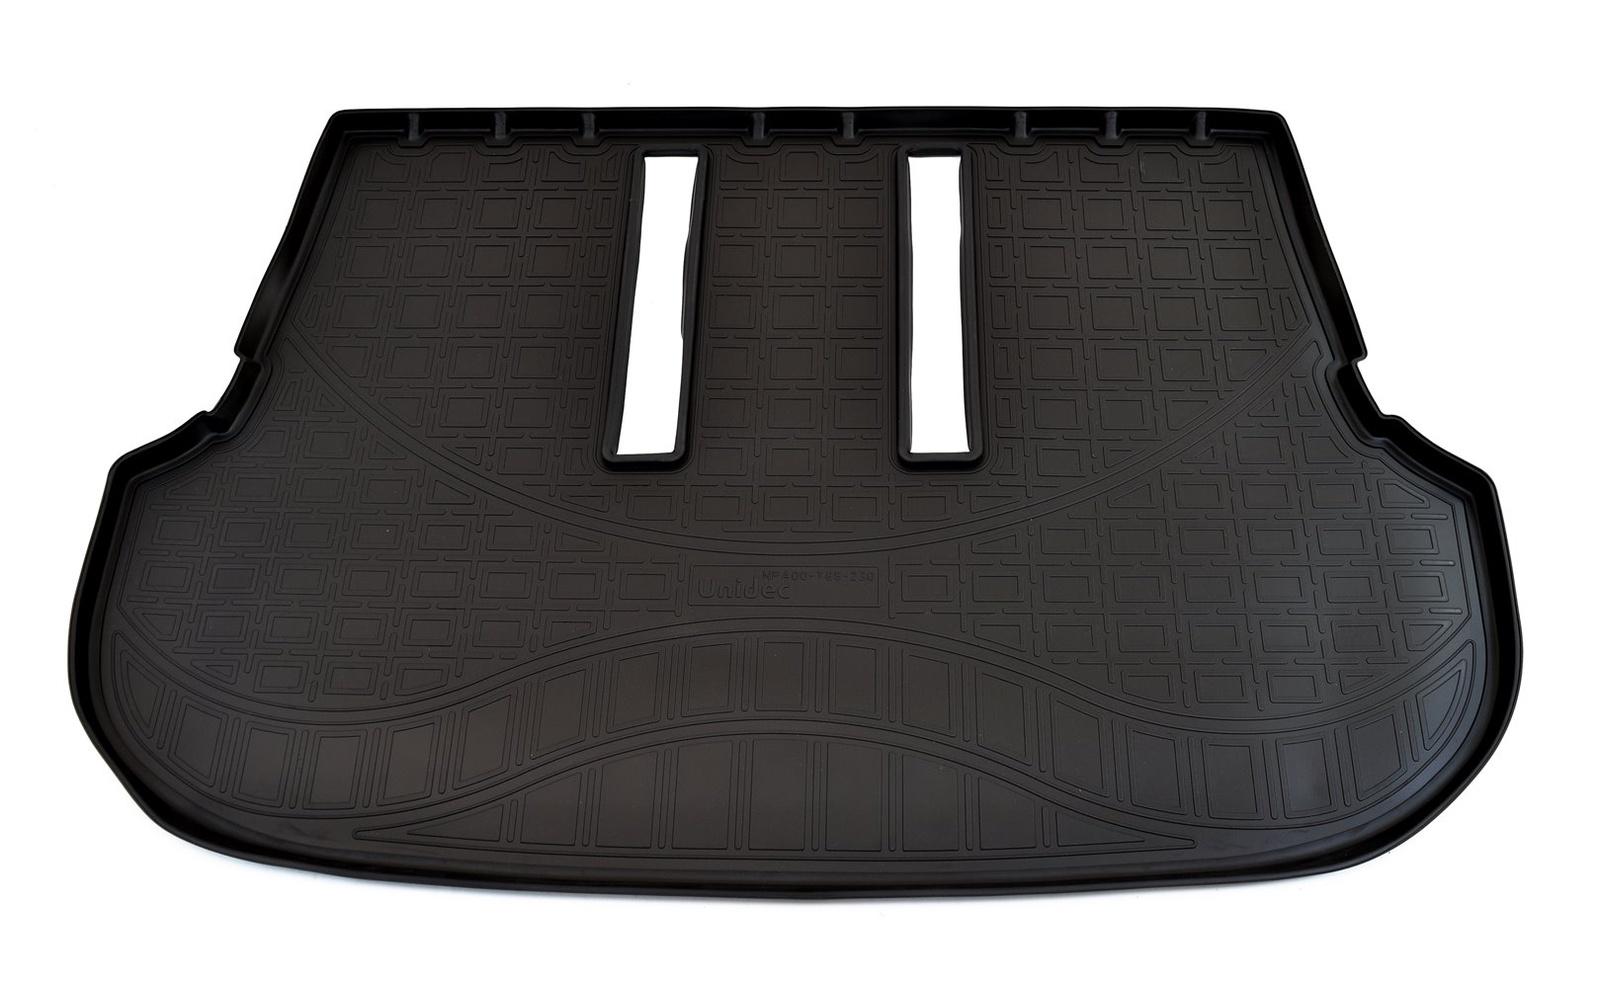 Коврик багажника для Toyota Fortuner (2015) (7 мест) (разложенный 3 ряд) коврик для 7 мест ряд norplast npa00c31521